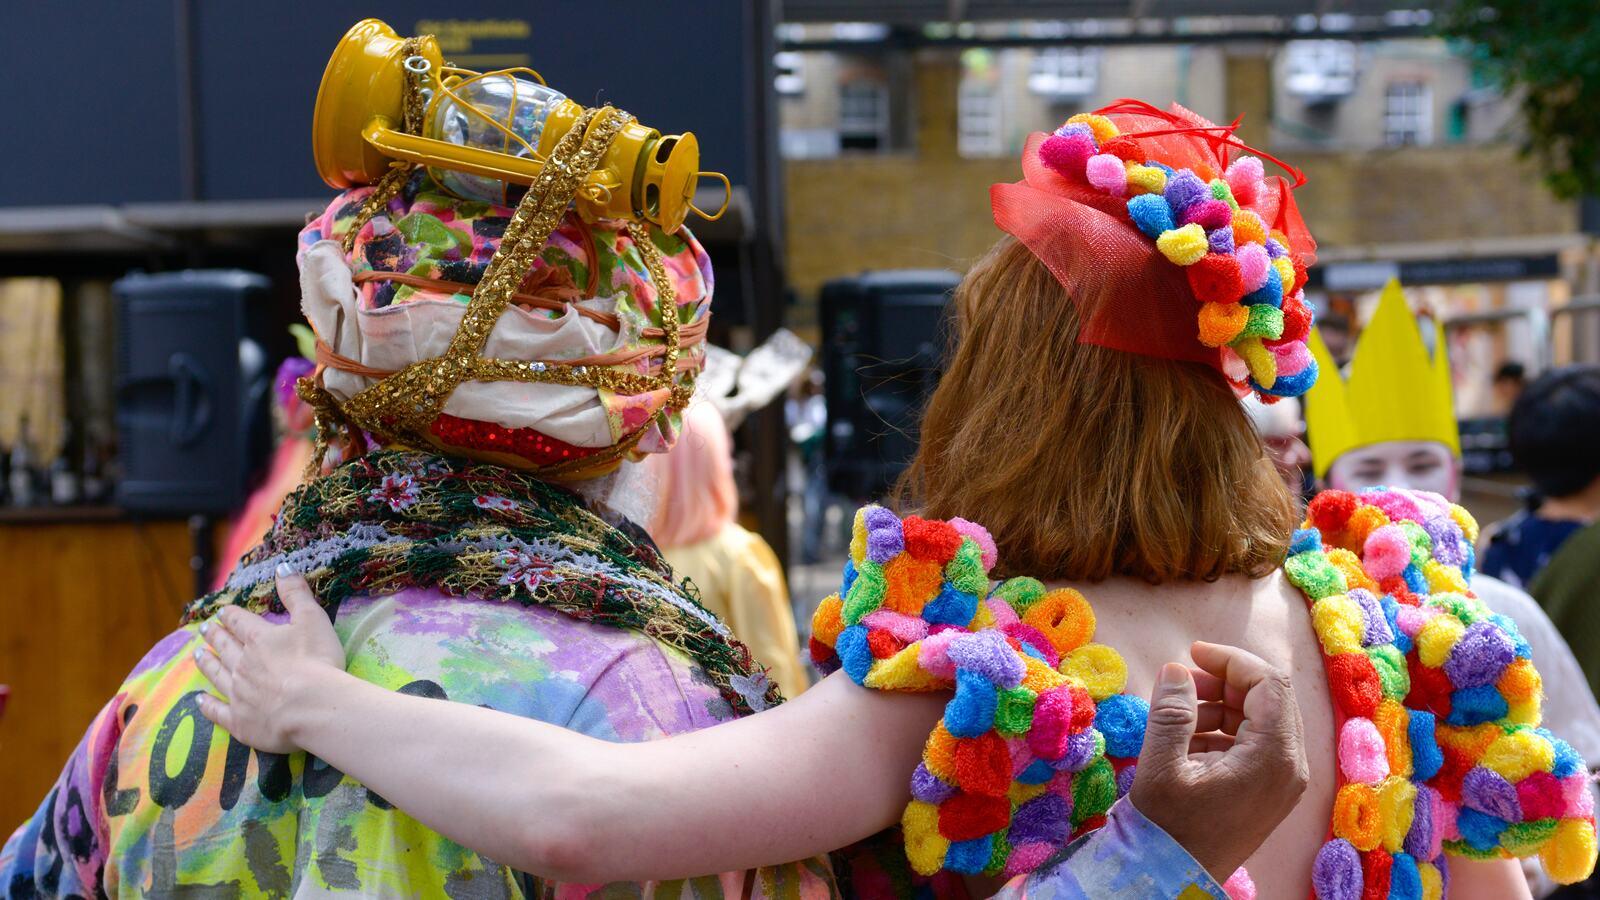 Two Colour Walk participants